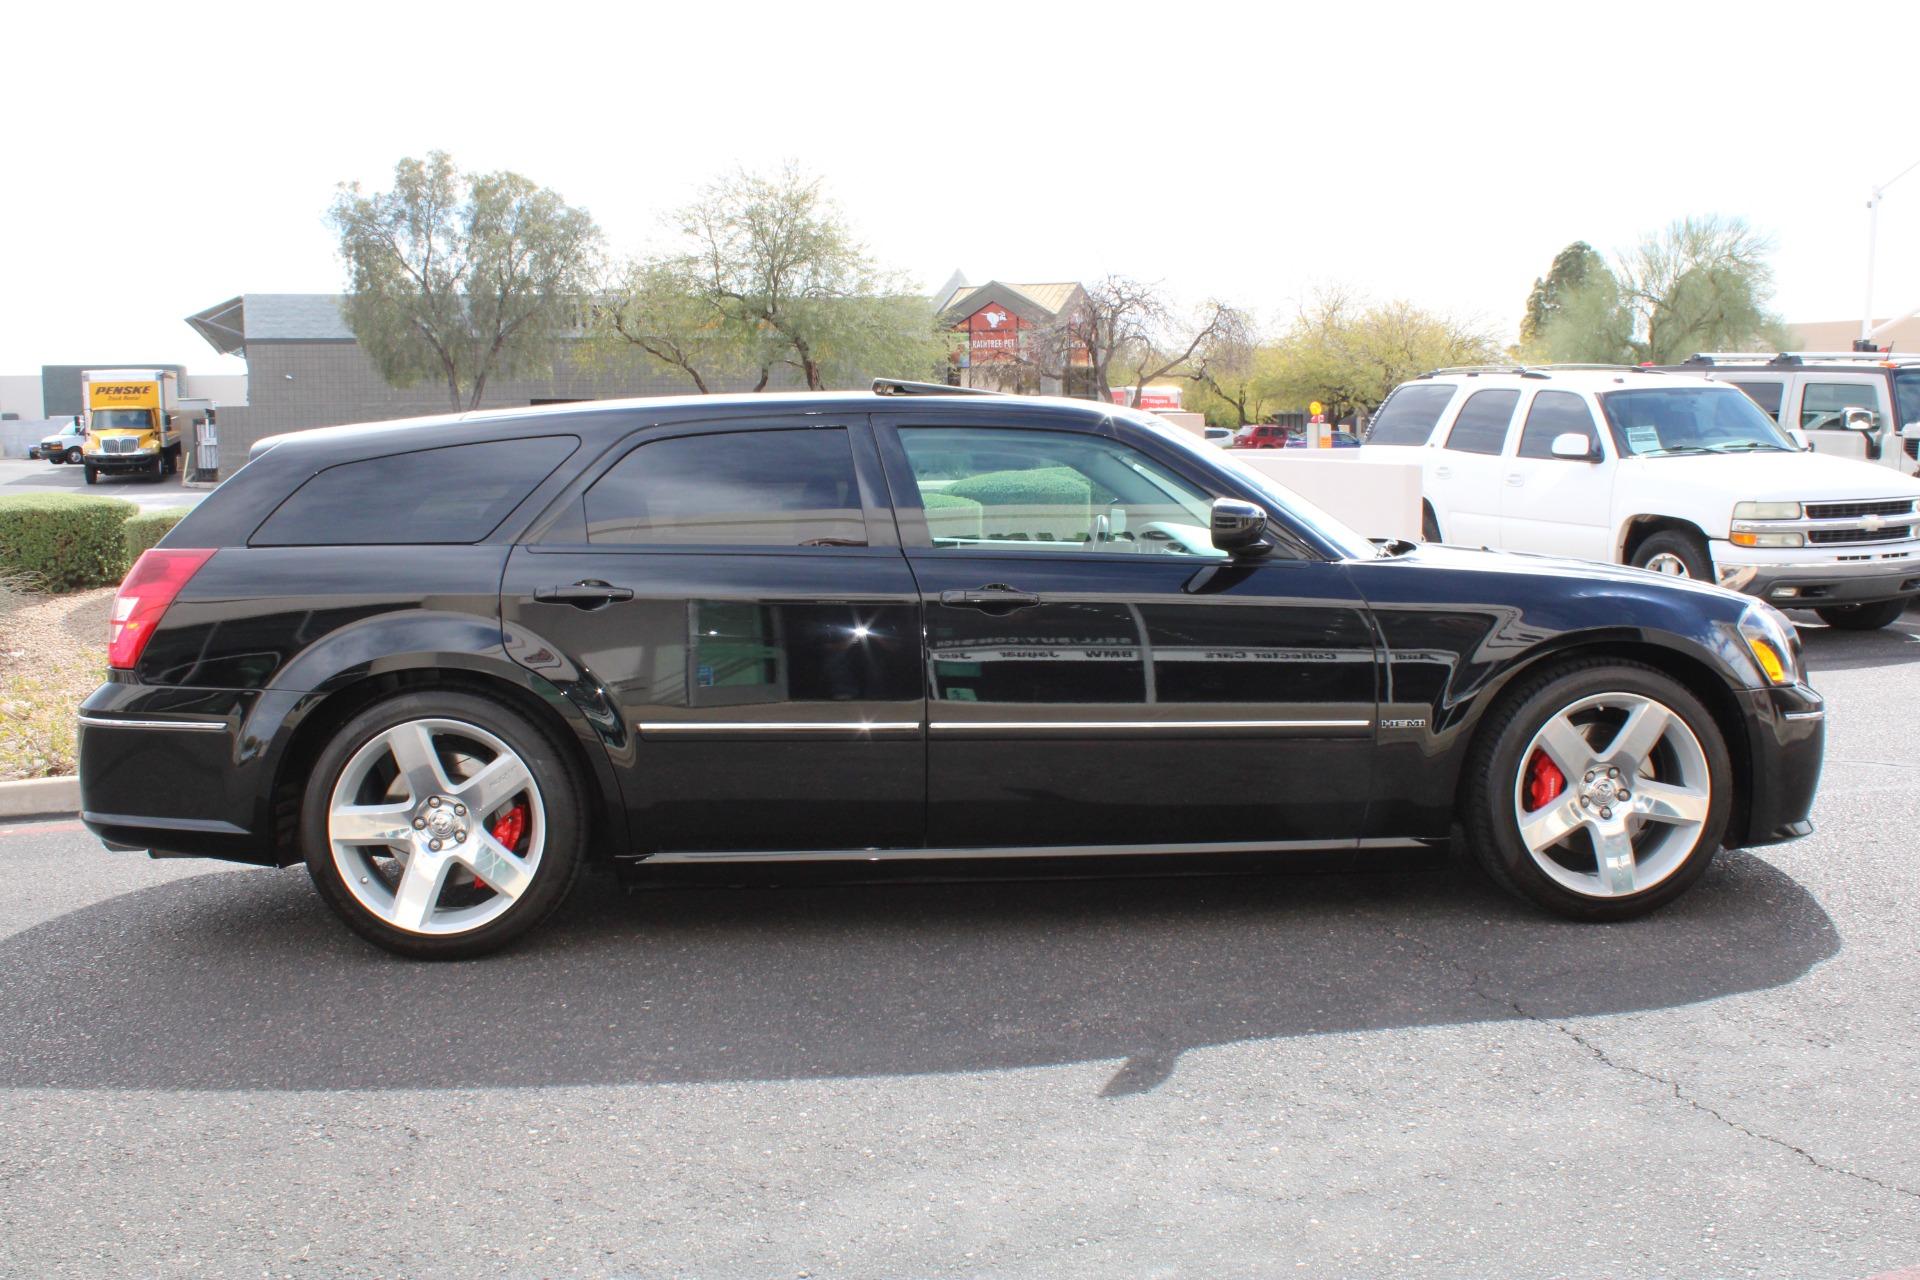 Used-2006-Dodge-Magnum-SRT8-Chrysler